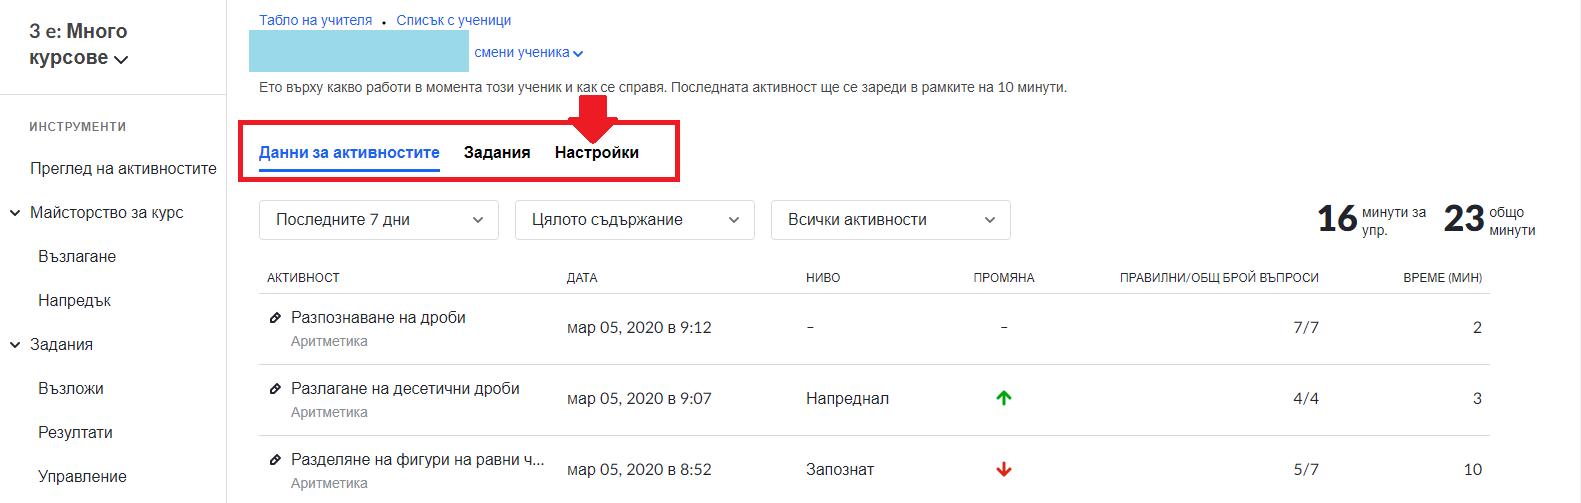 Screenshot_101019_113743_AM.jpg